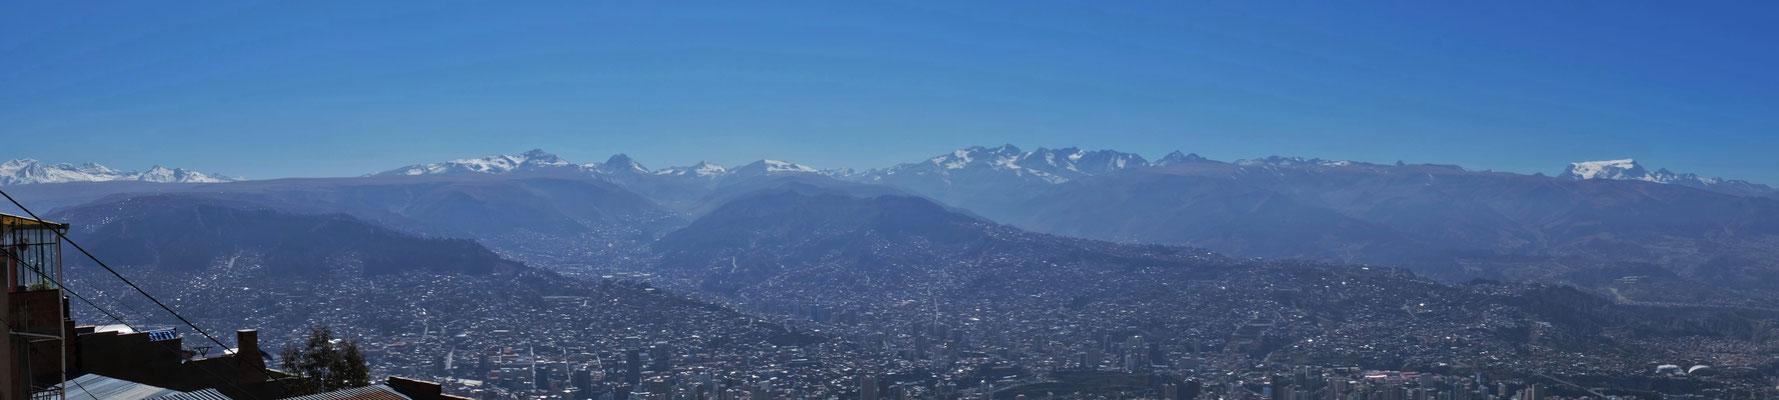 Das Panorama von ganz oben auf dem El Alto